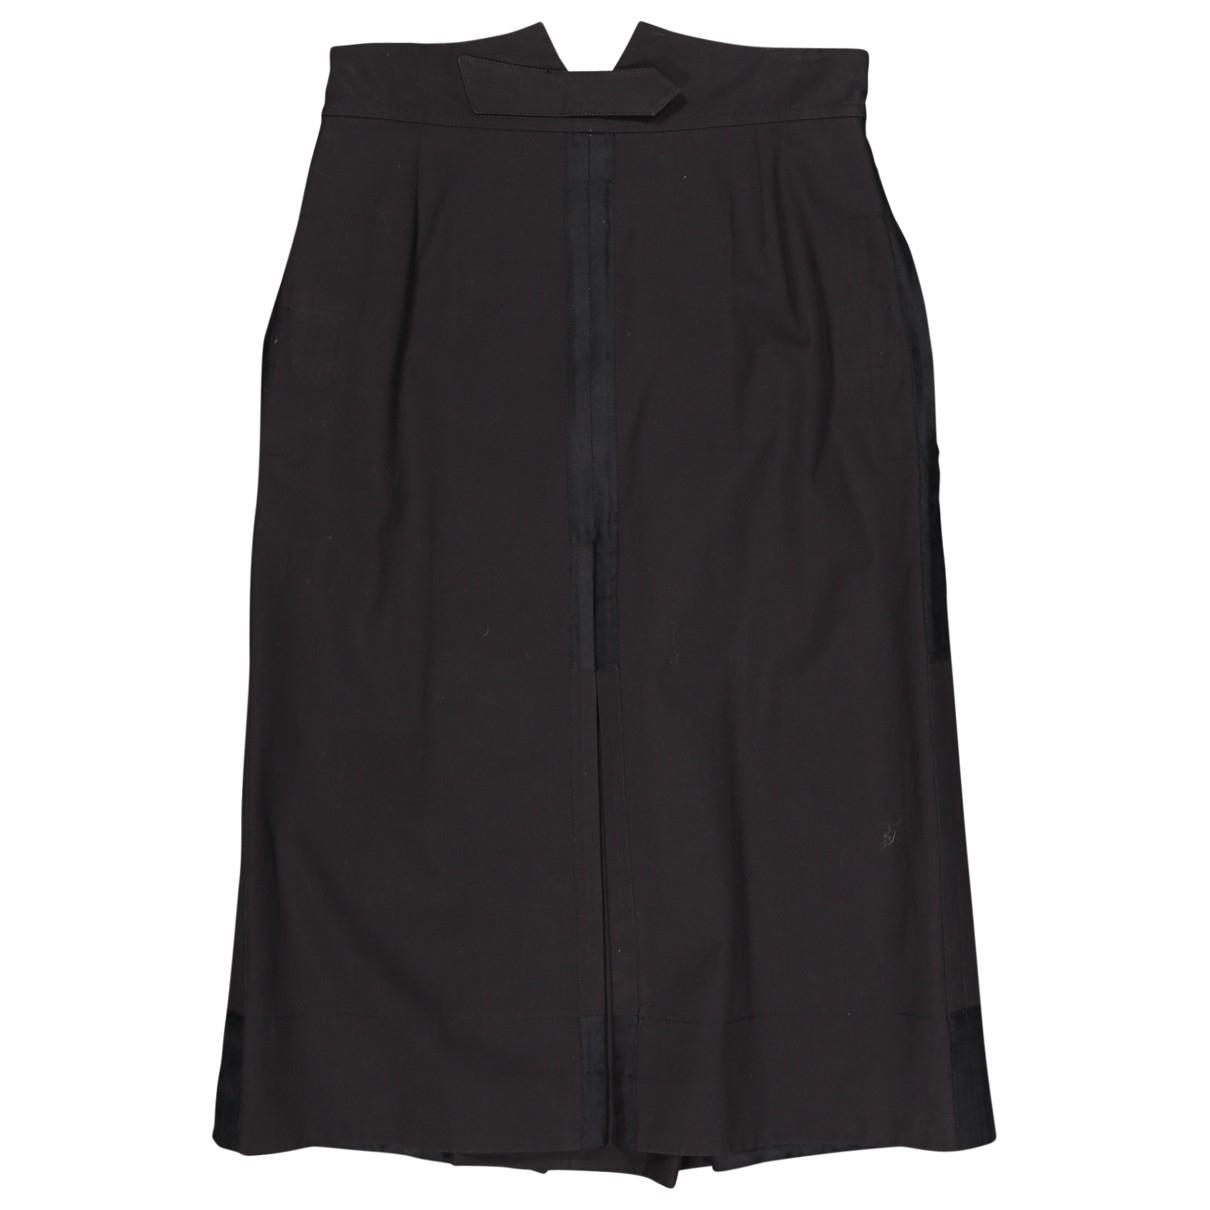 Yves Saint Laurent \N Black Cotton skirt for Women 38 FR